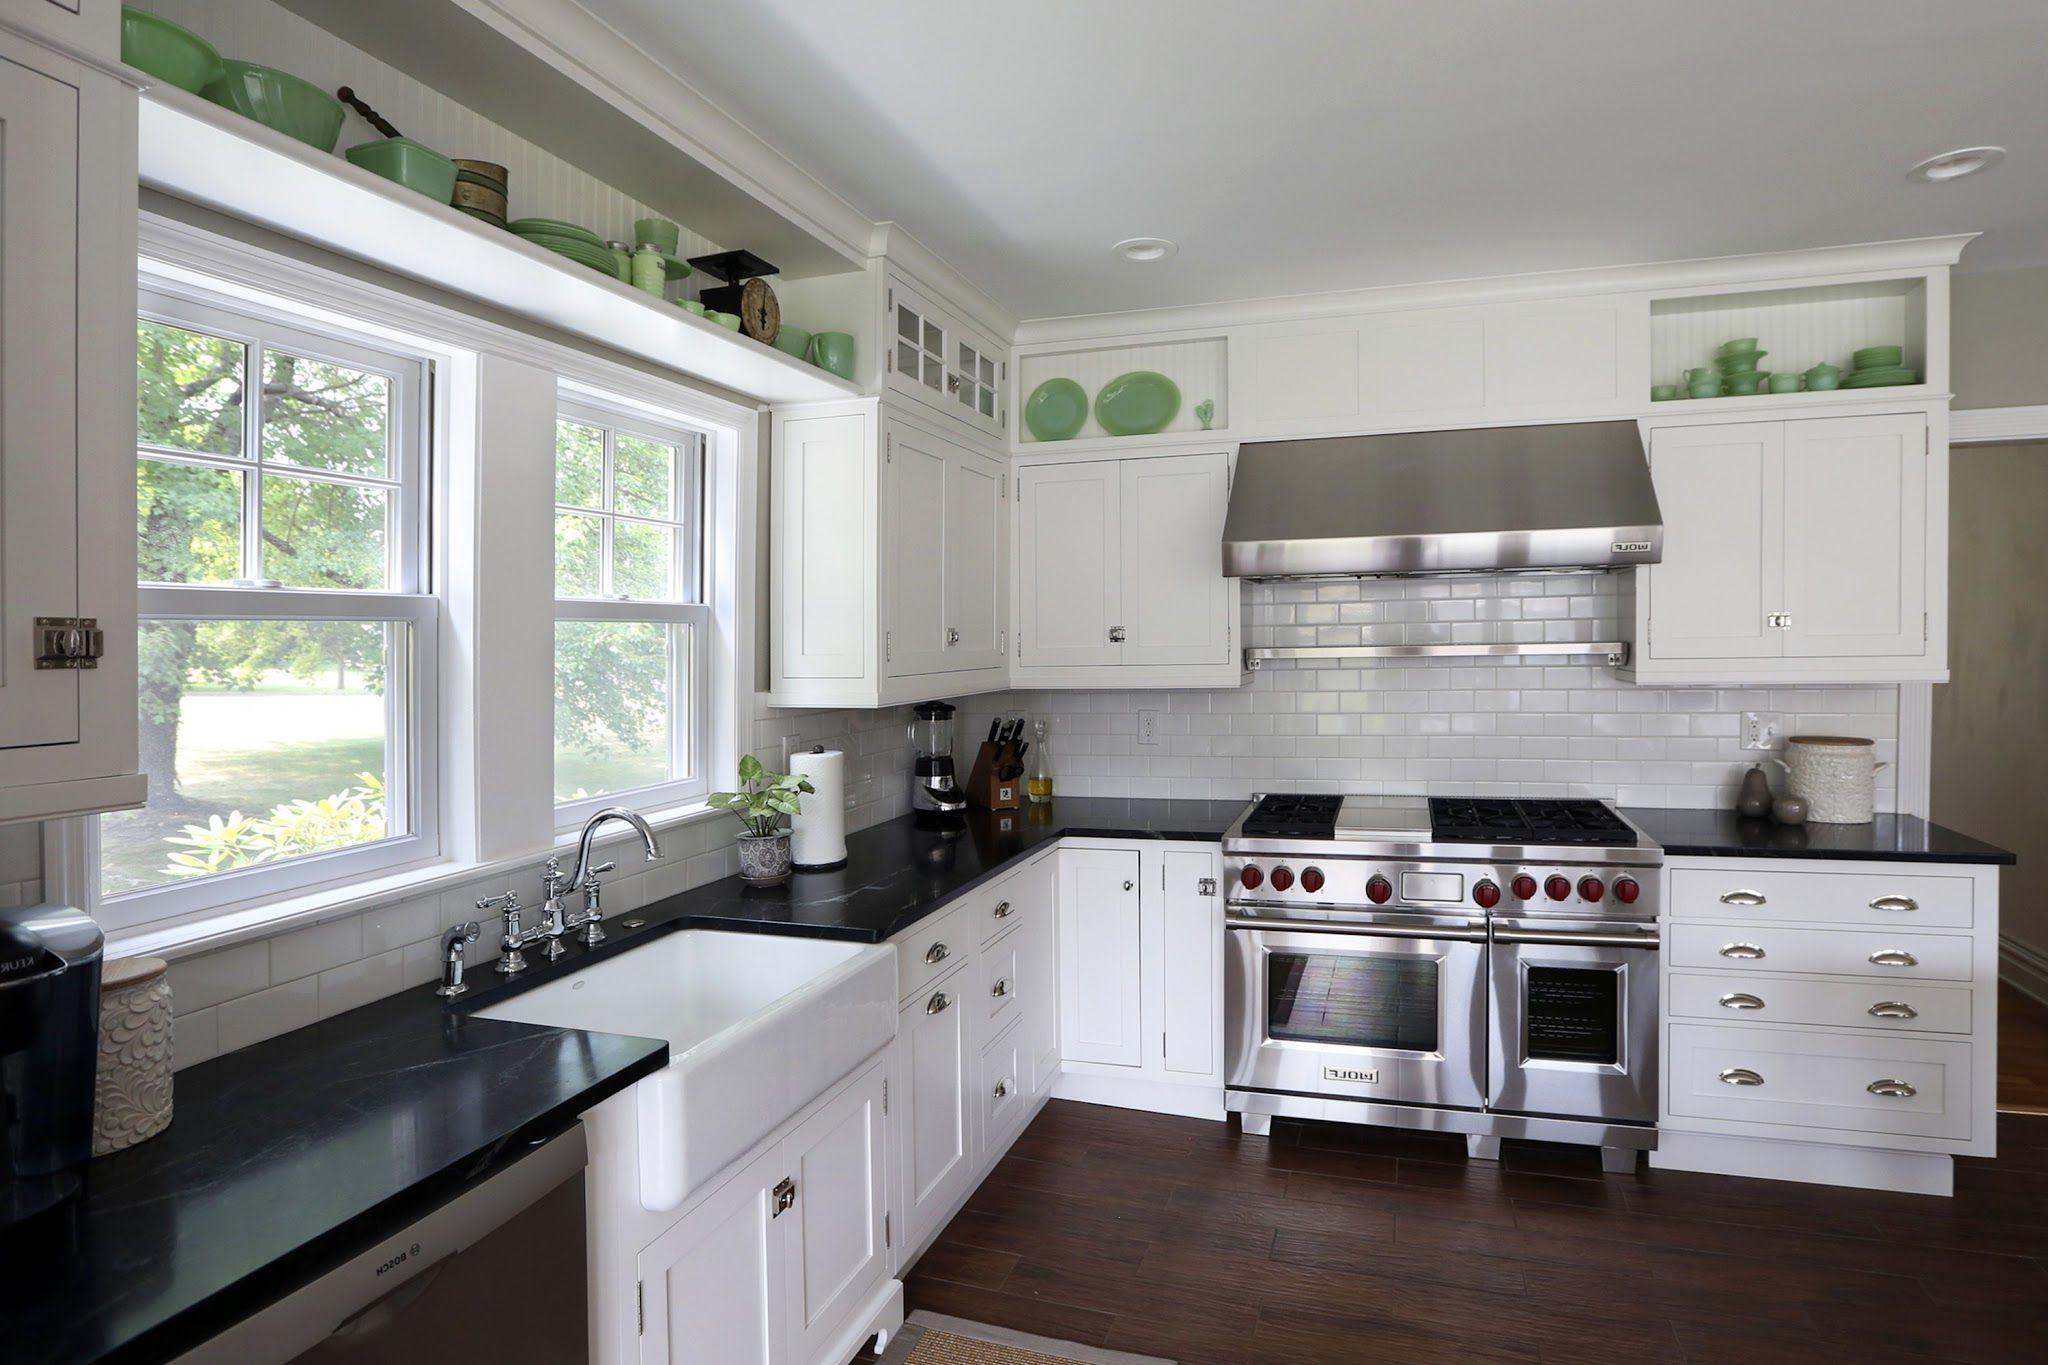 Küchenideen mit schwarzen schränken fliesenmuster für die küche backsplash küche kochfeld backsplash